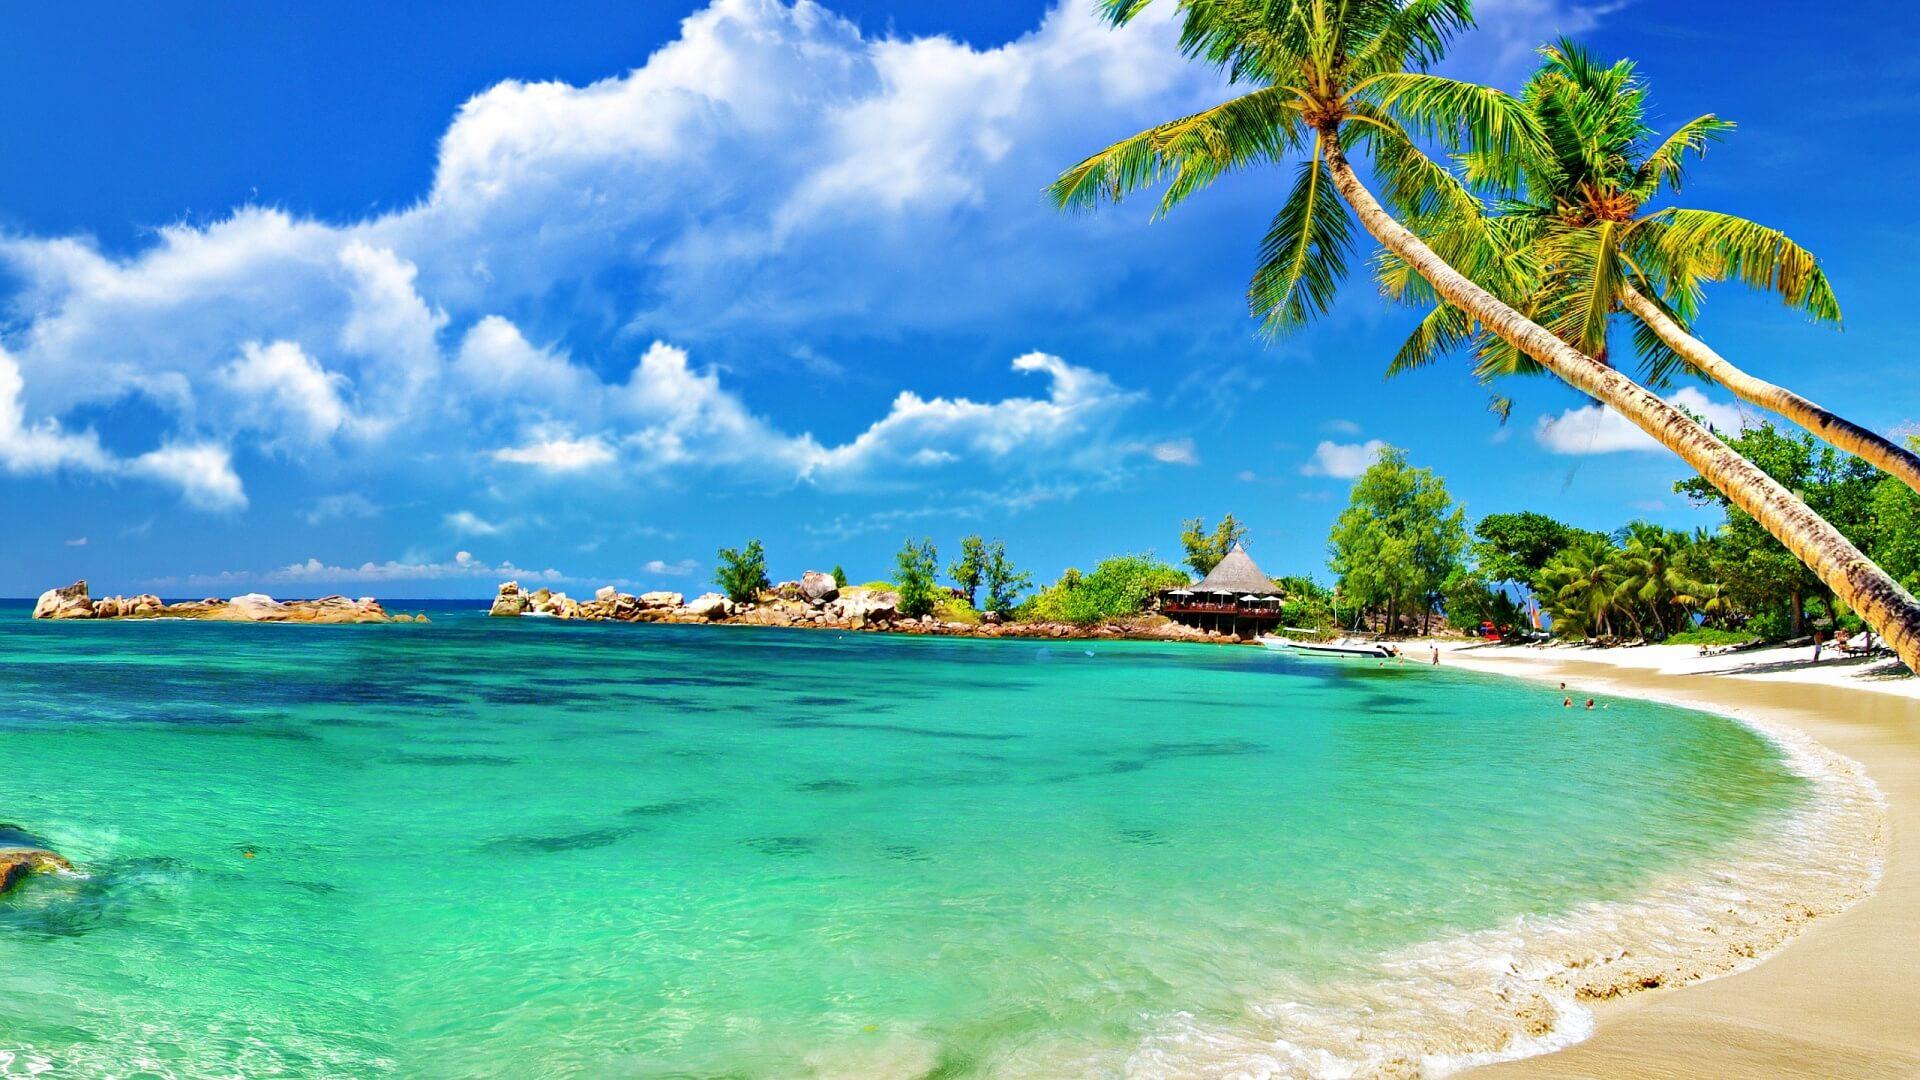 Красивые картинки пляжа для рабочего стола - подборка 1